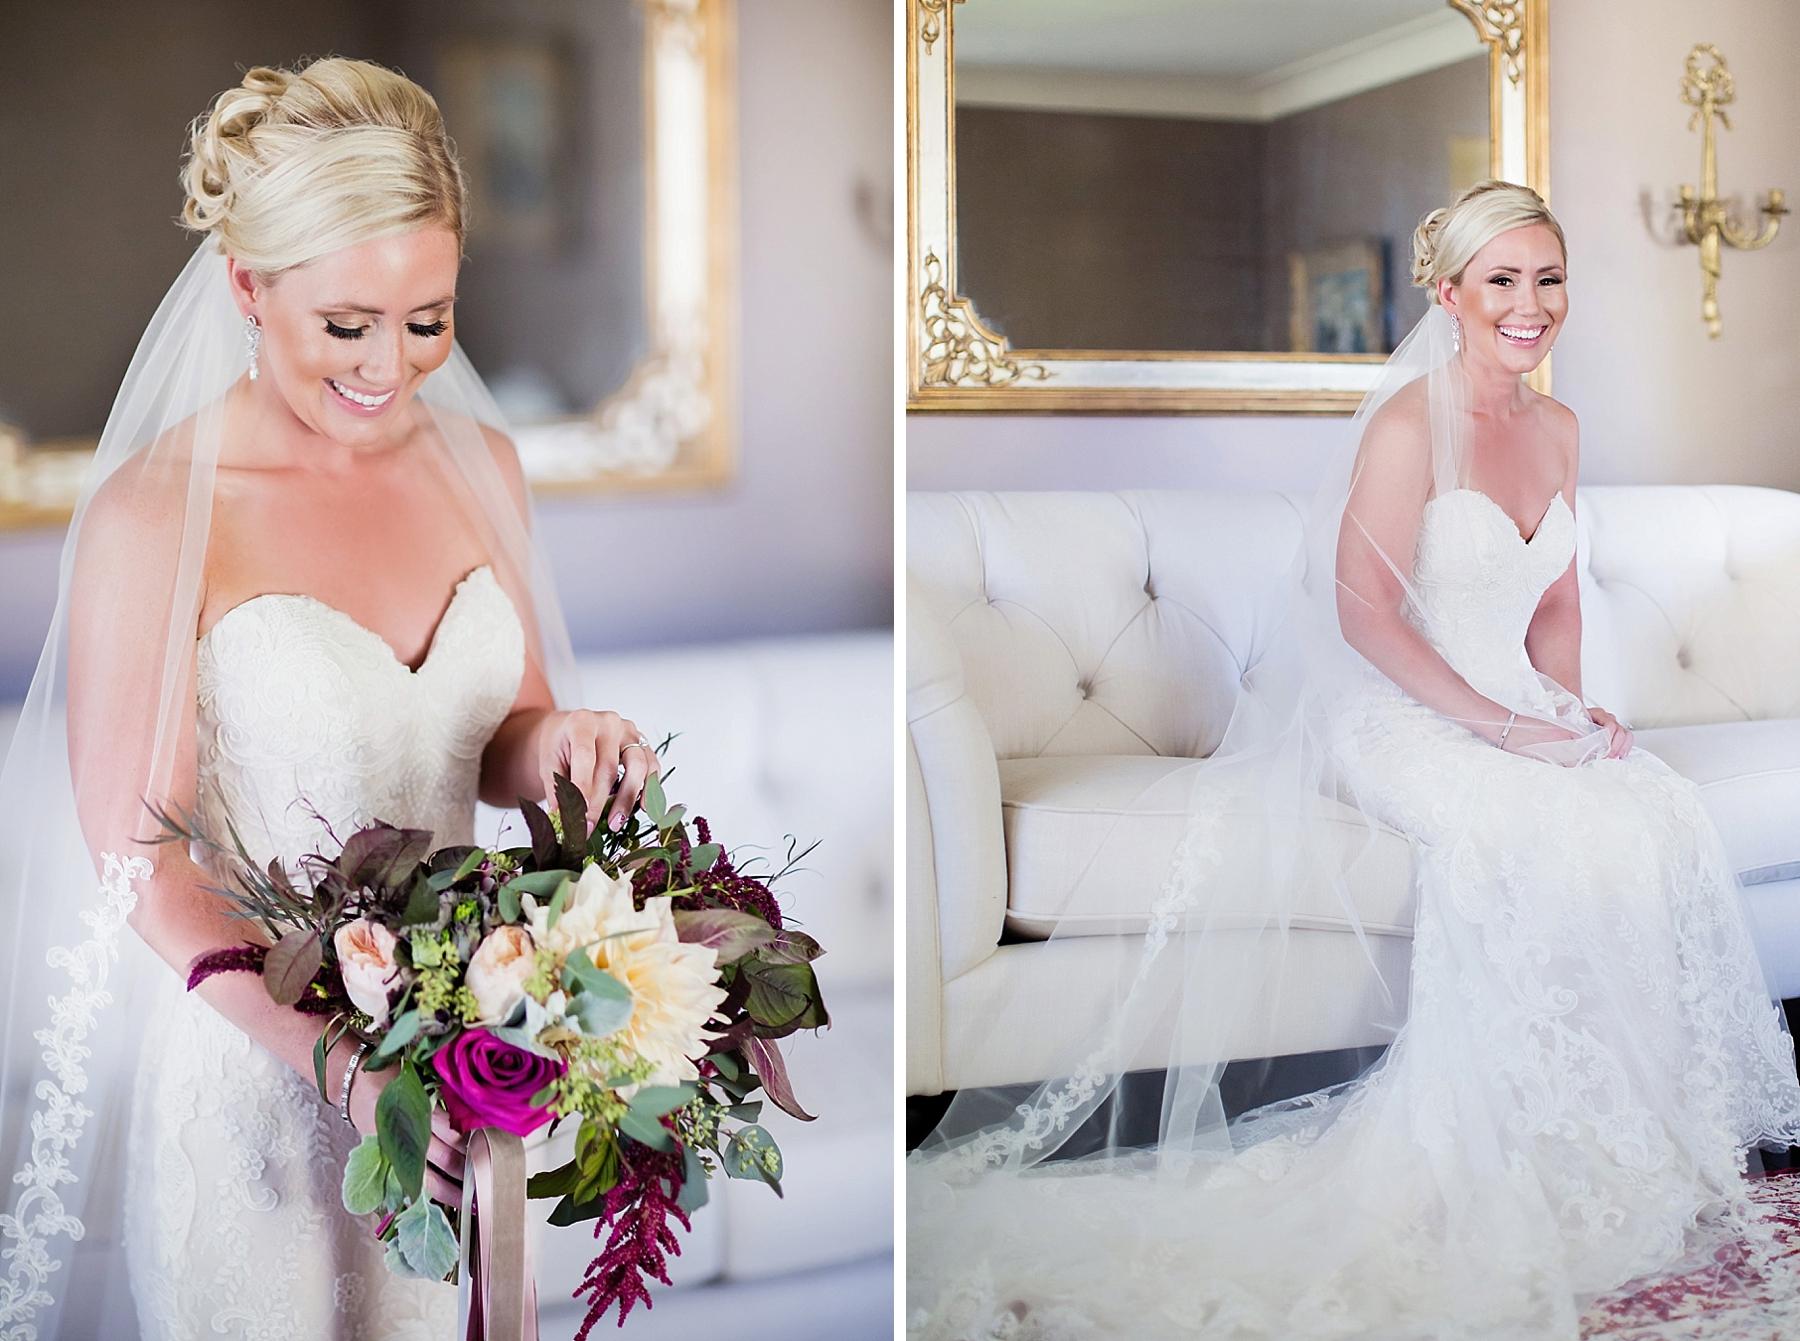 windsor-wedding-photographer-essex-golf-country-club-wedding-eryn-shea-photography_0018.jpg